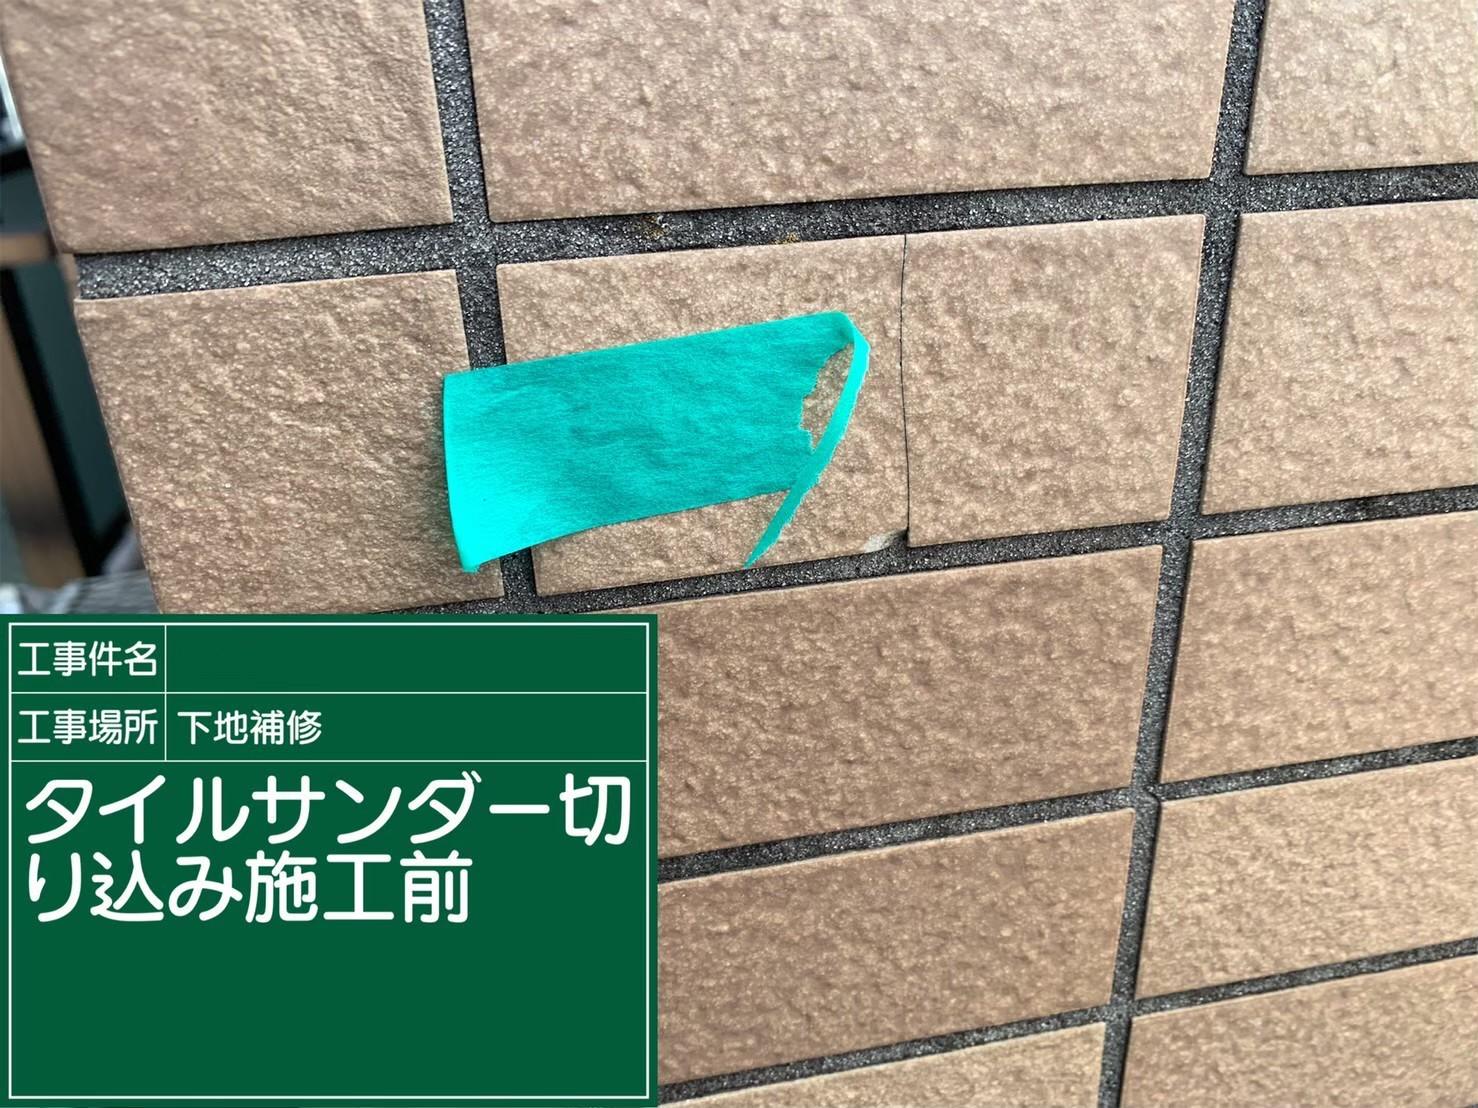 【タイル張替え】①施工前